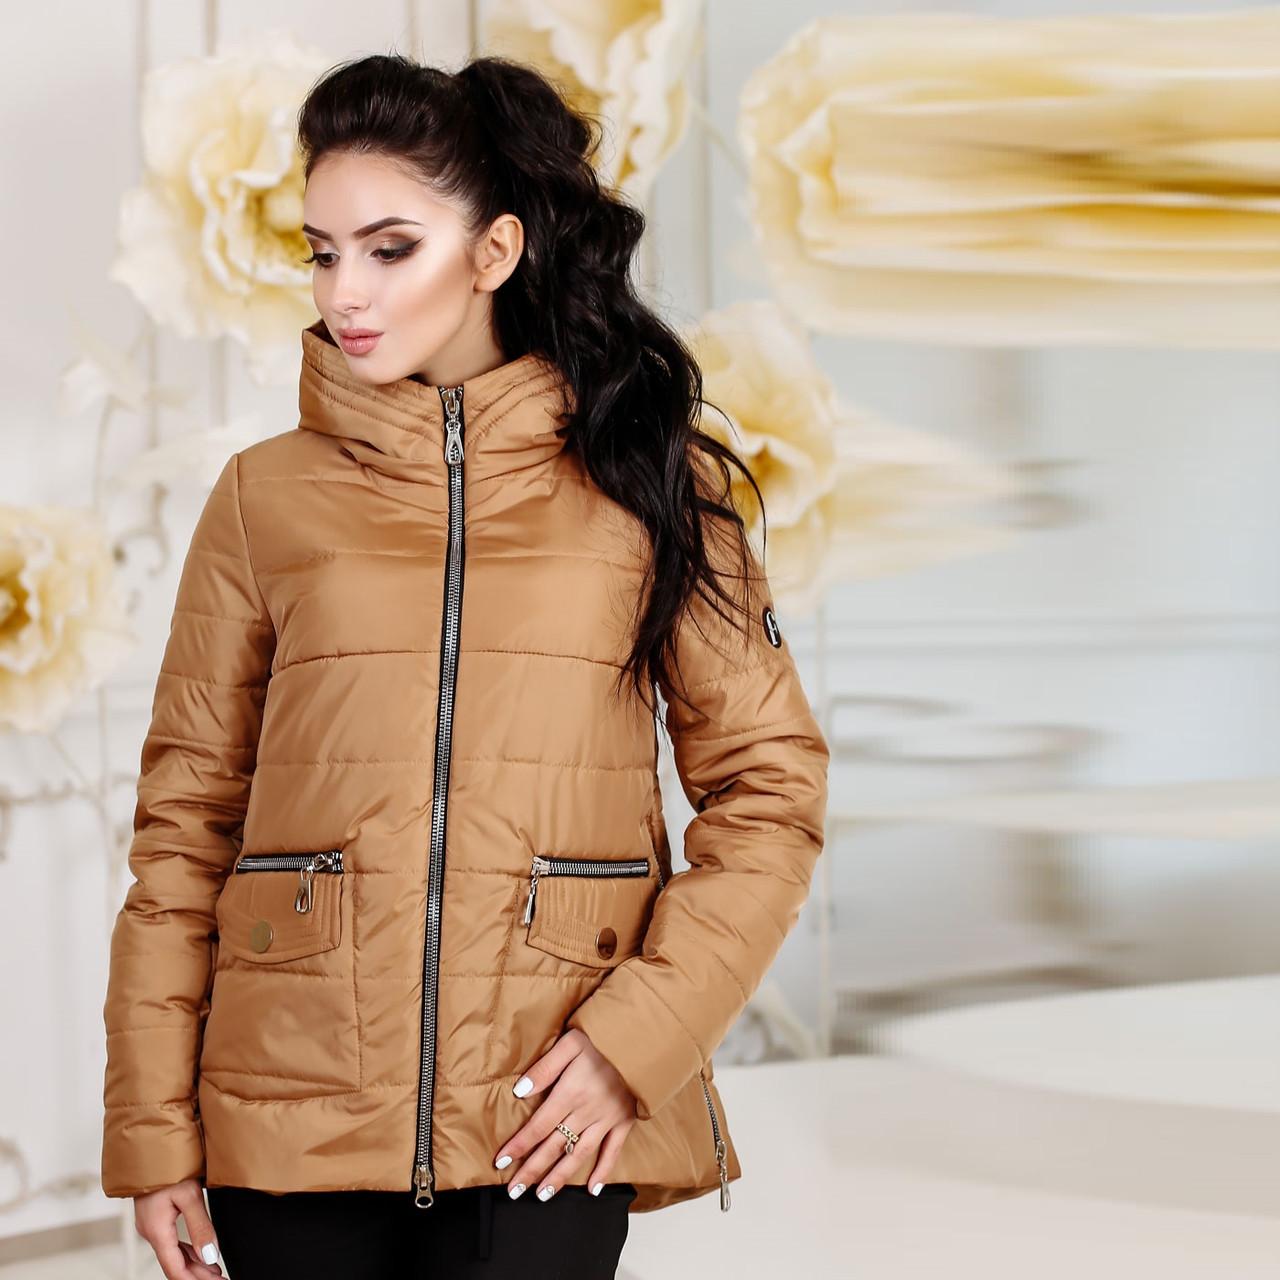 Демисезонная куртка  на синтепоне F  77925  Коричневый